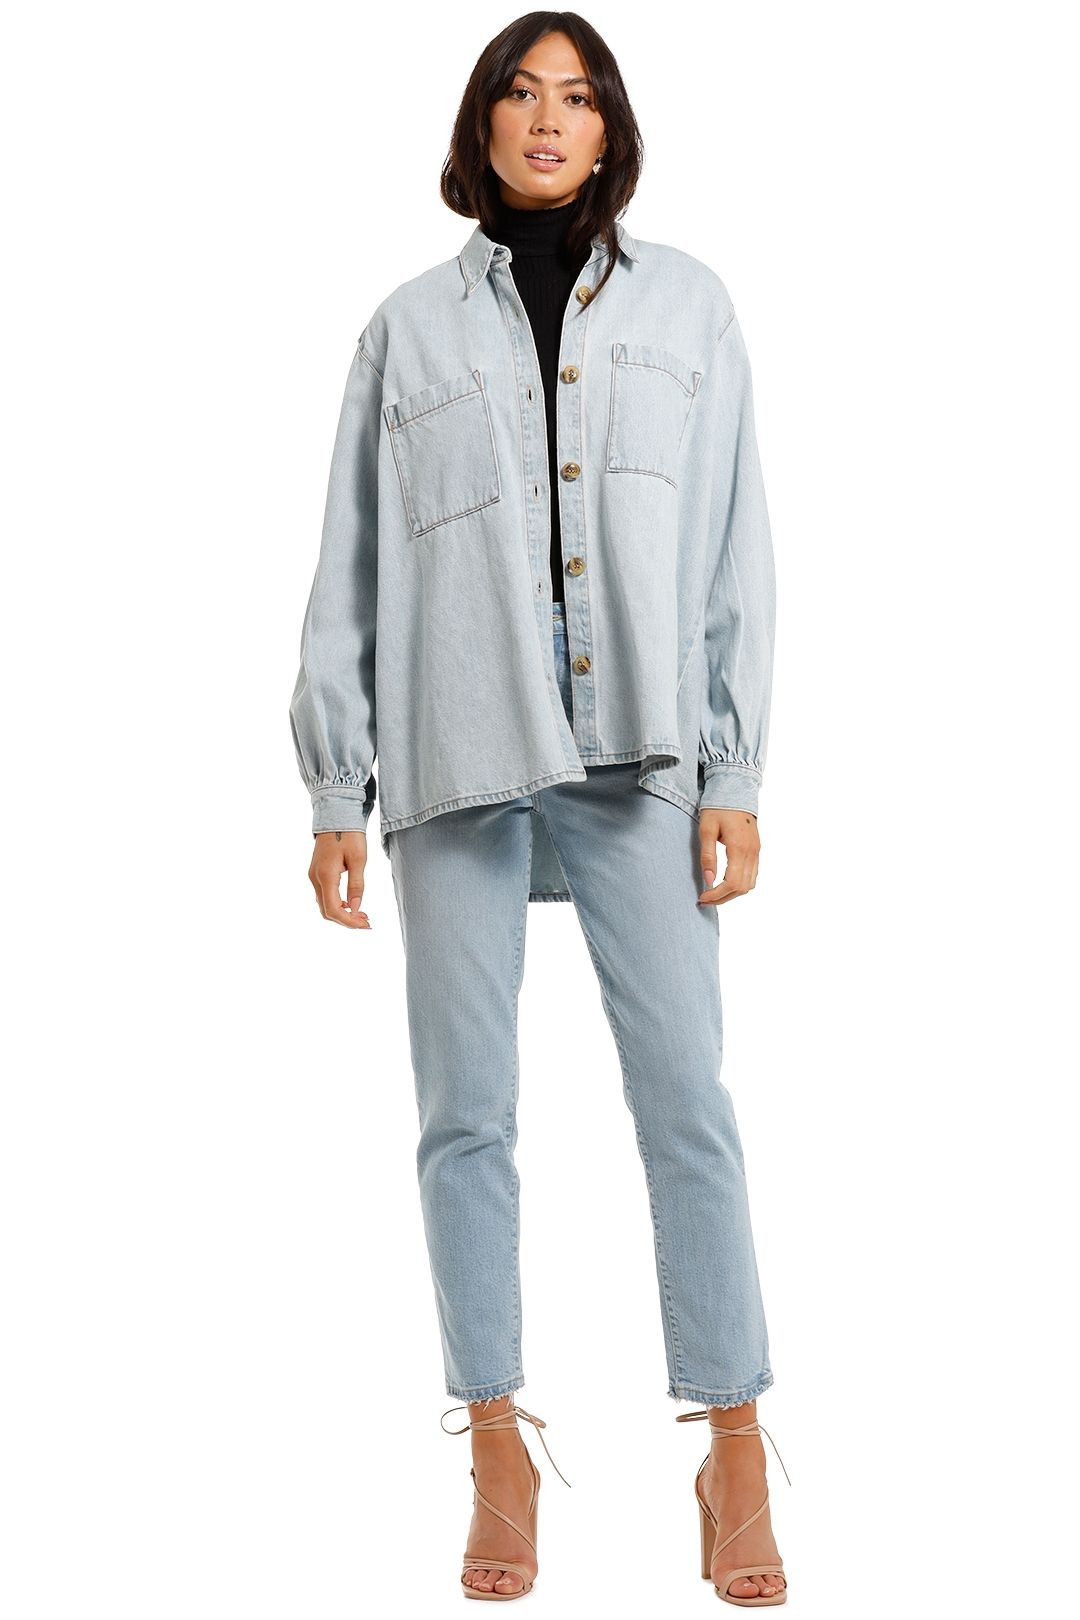 Nobody Denim Artist Jacket oversized